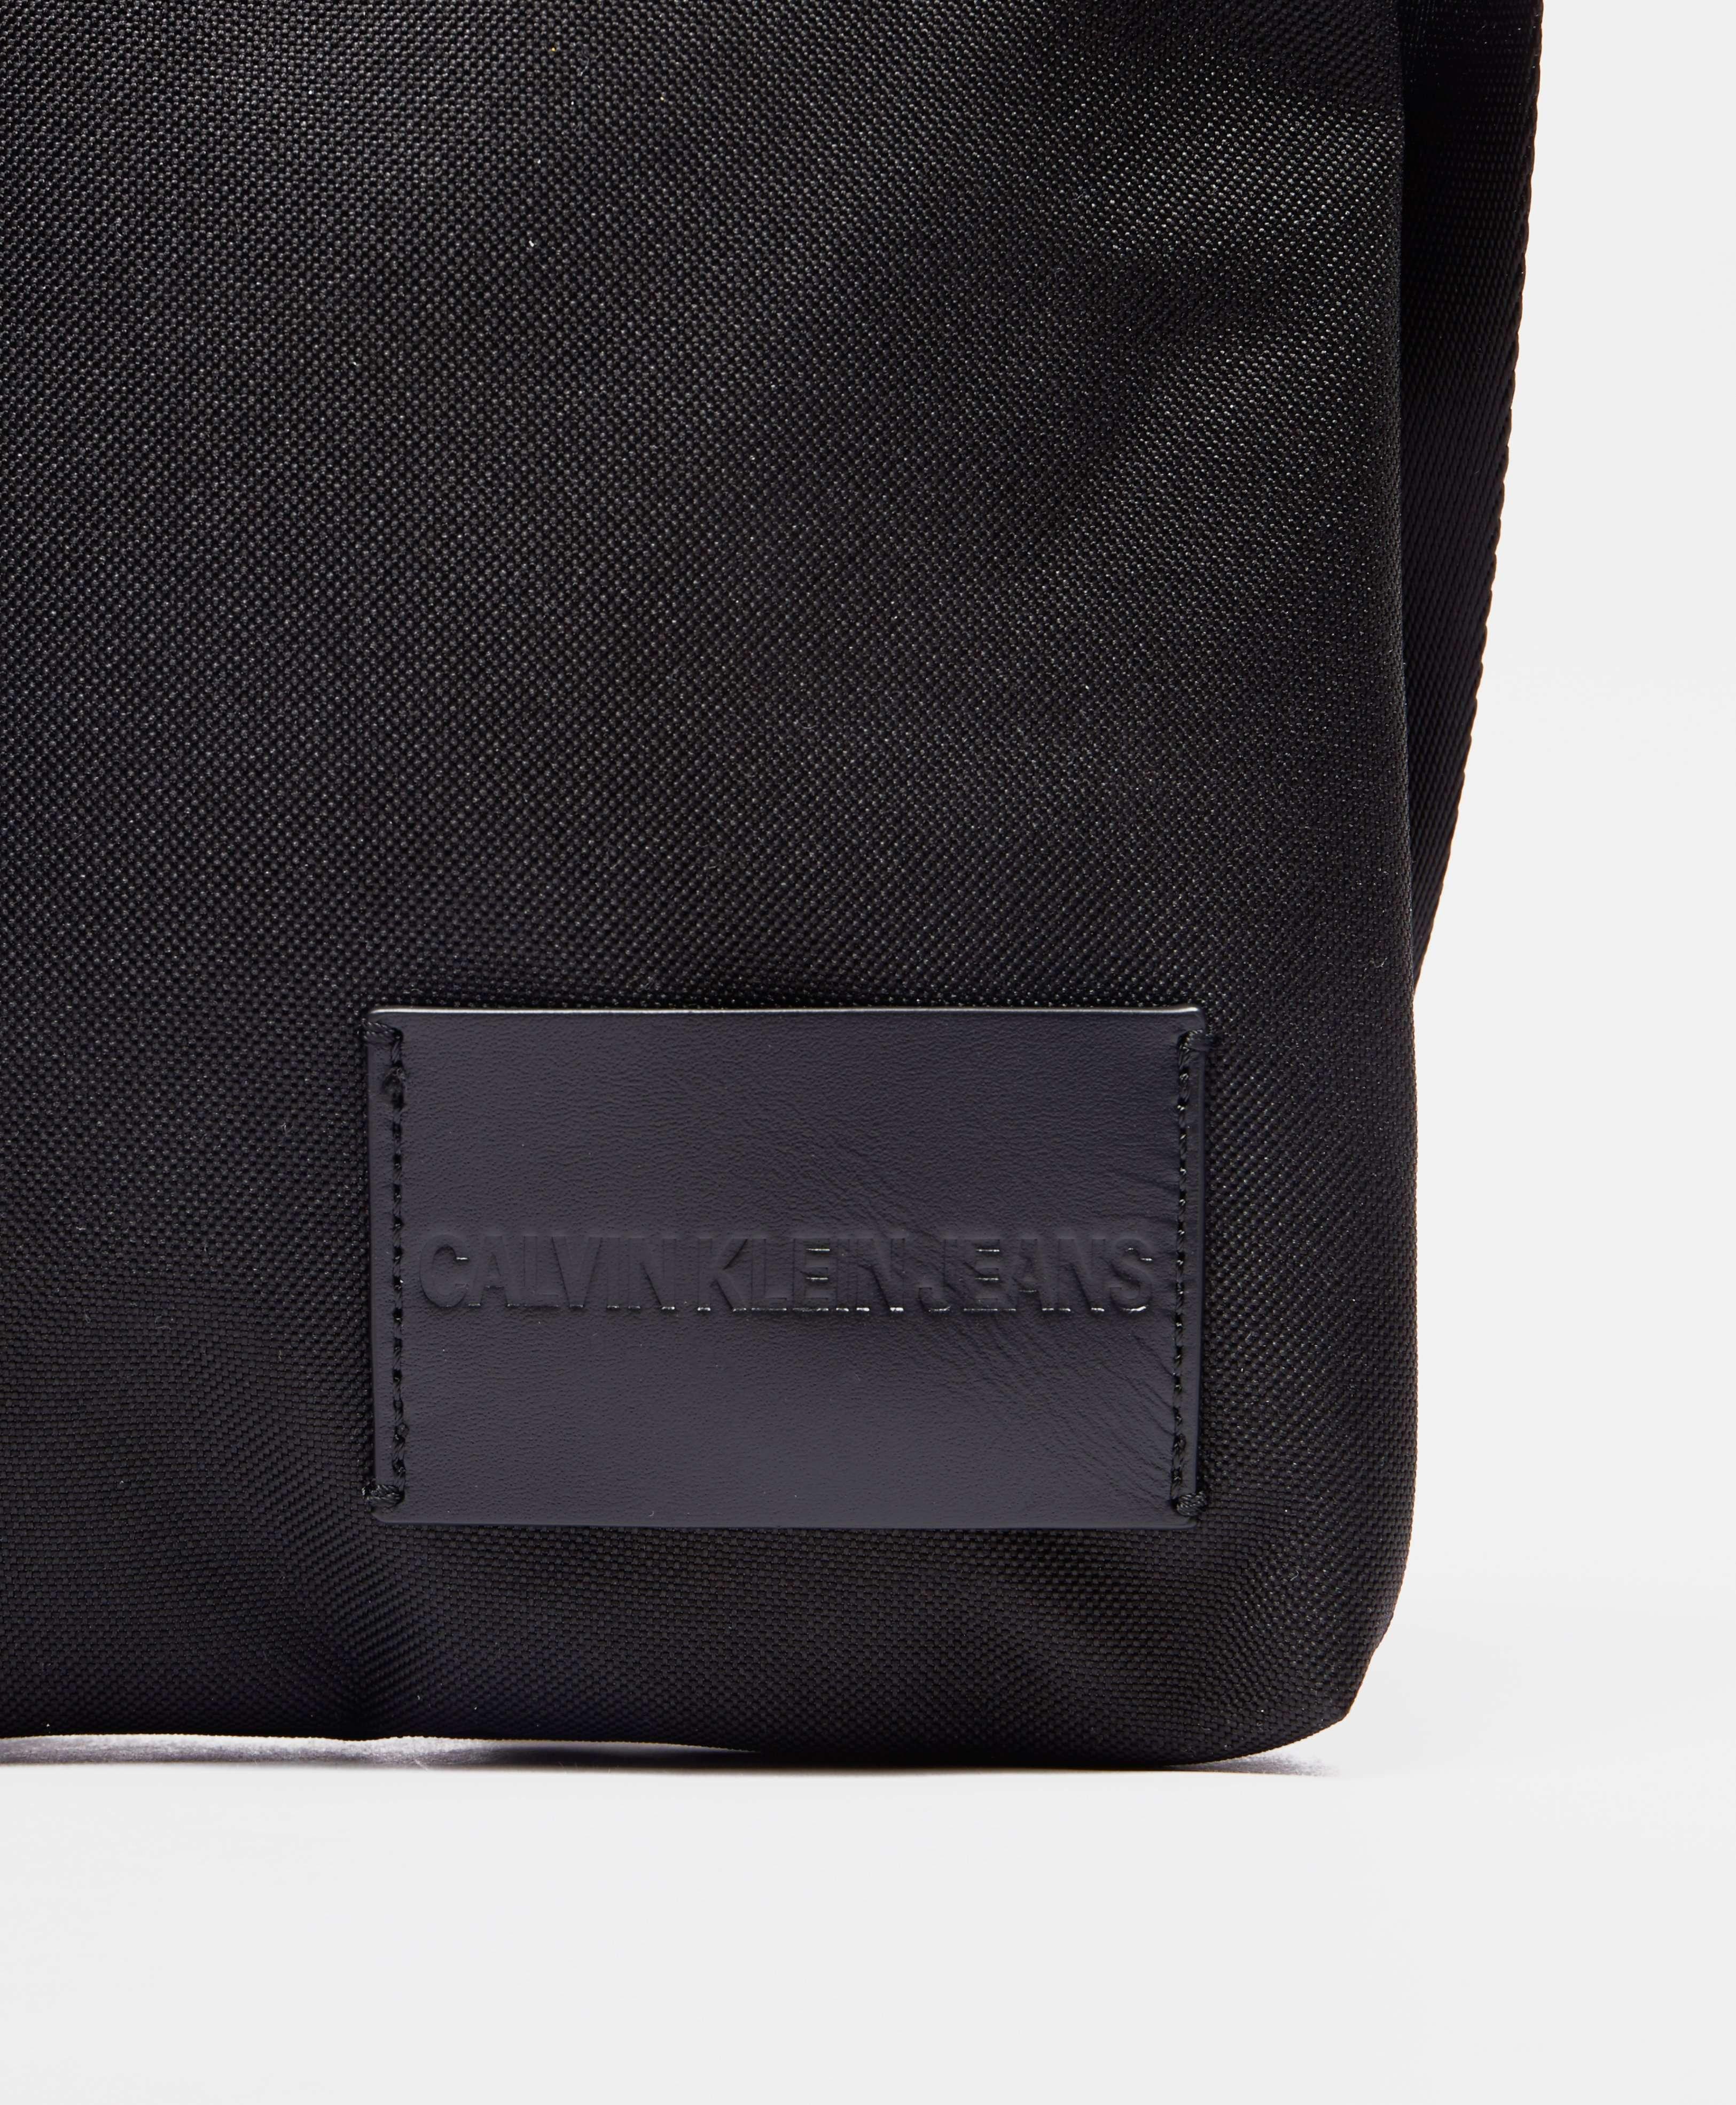 Calvin Klein Tonal Patch Small Item Bag